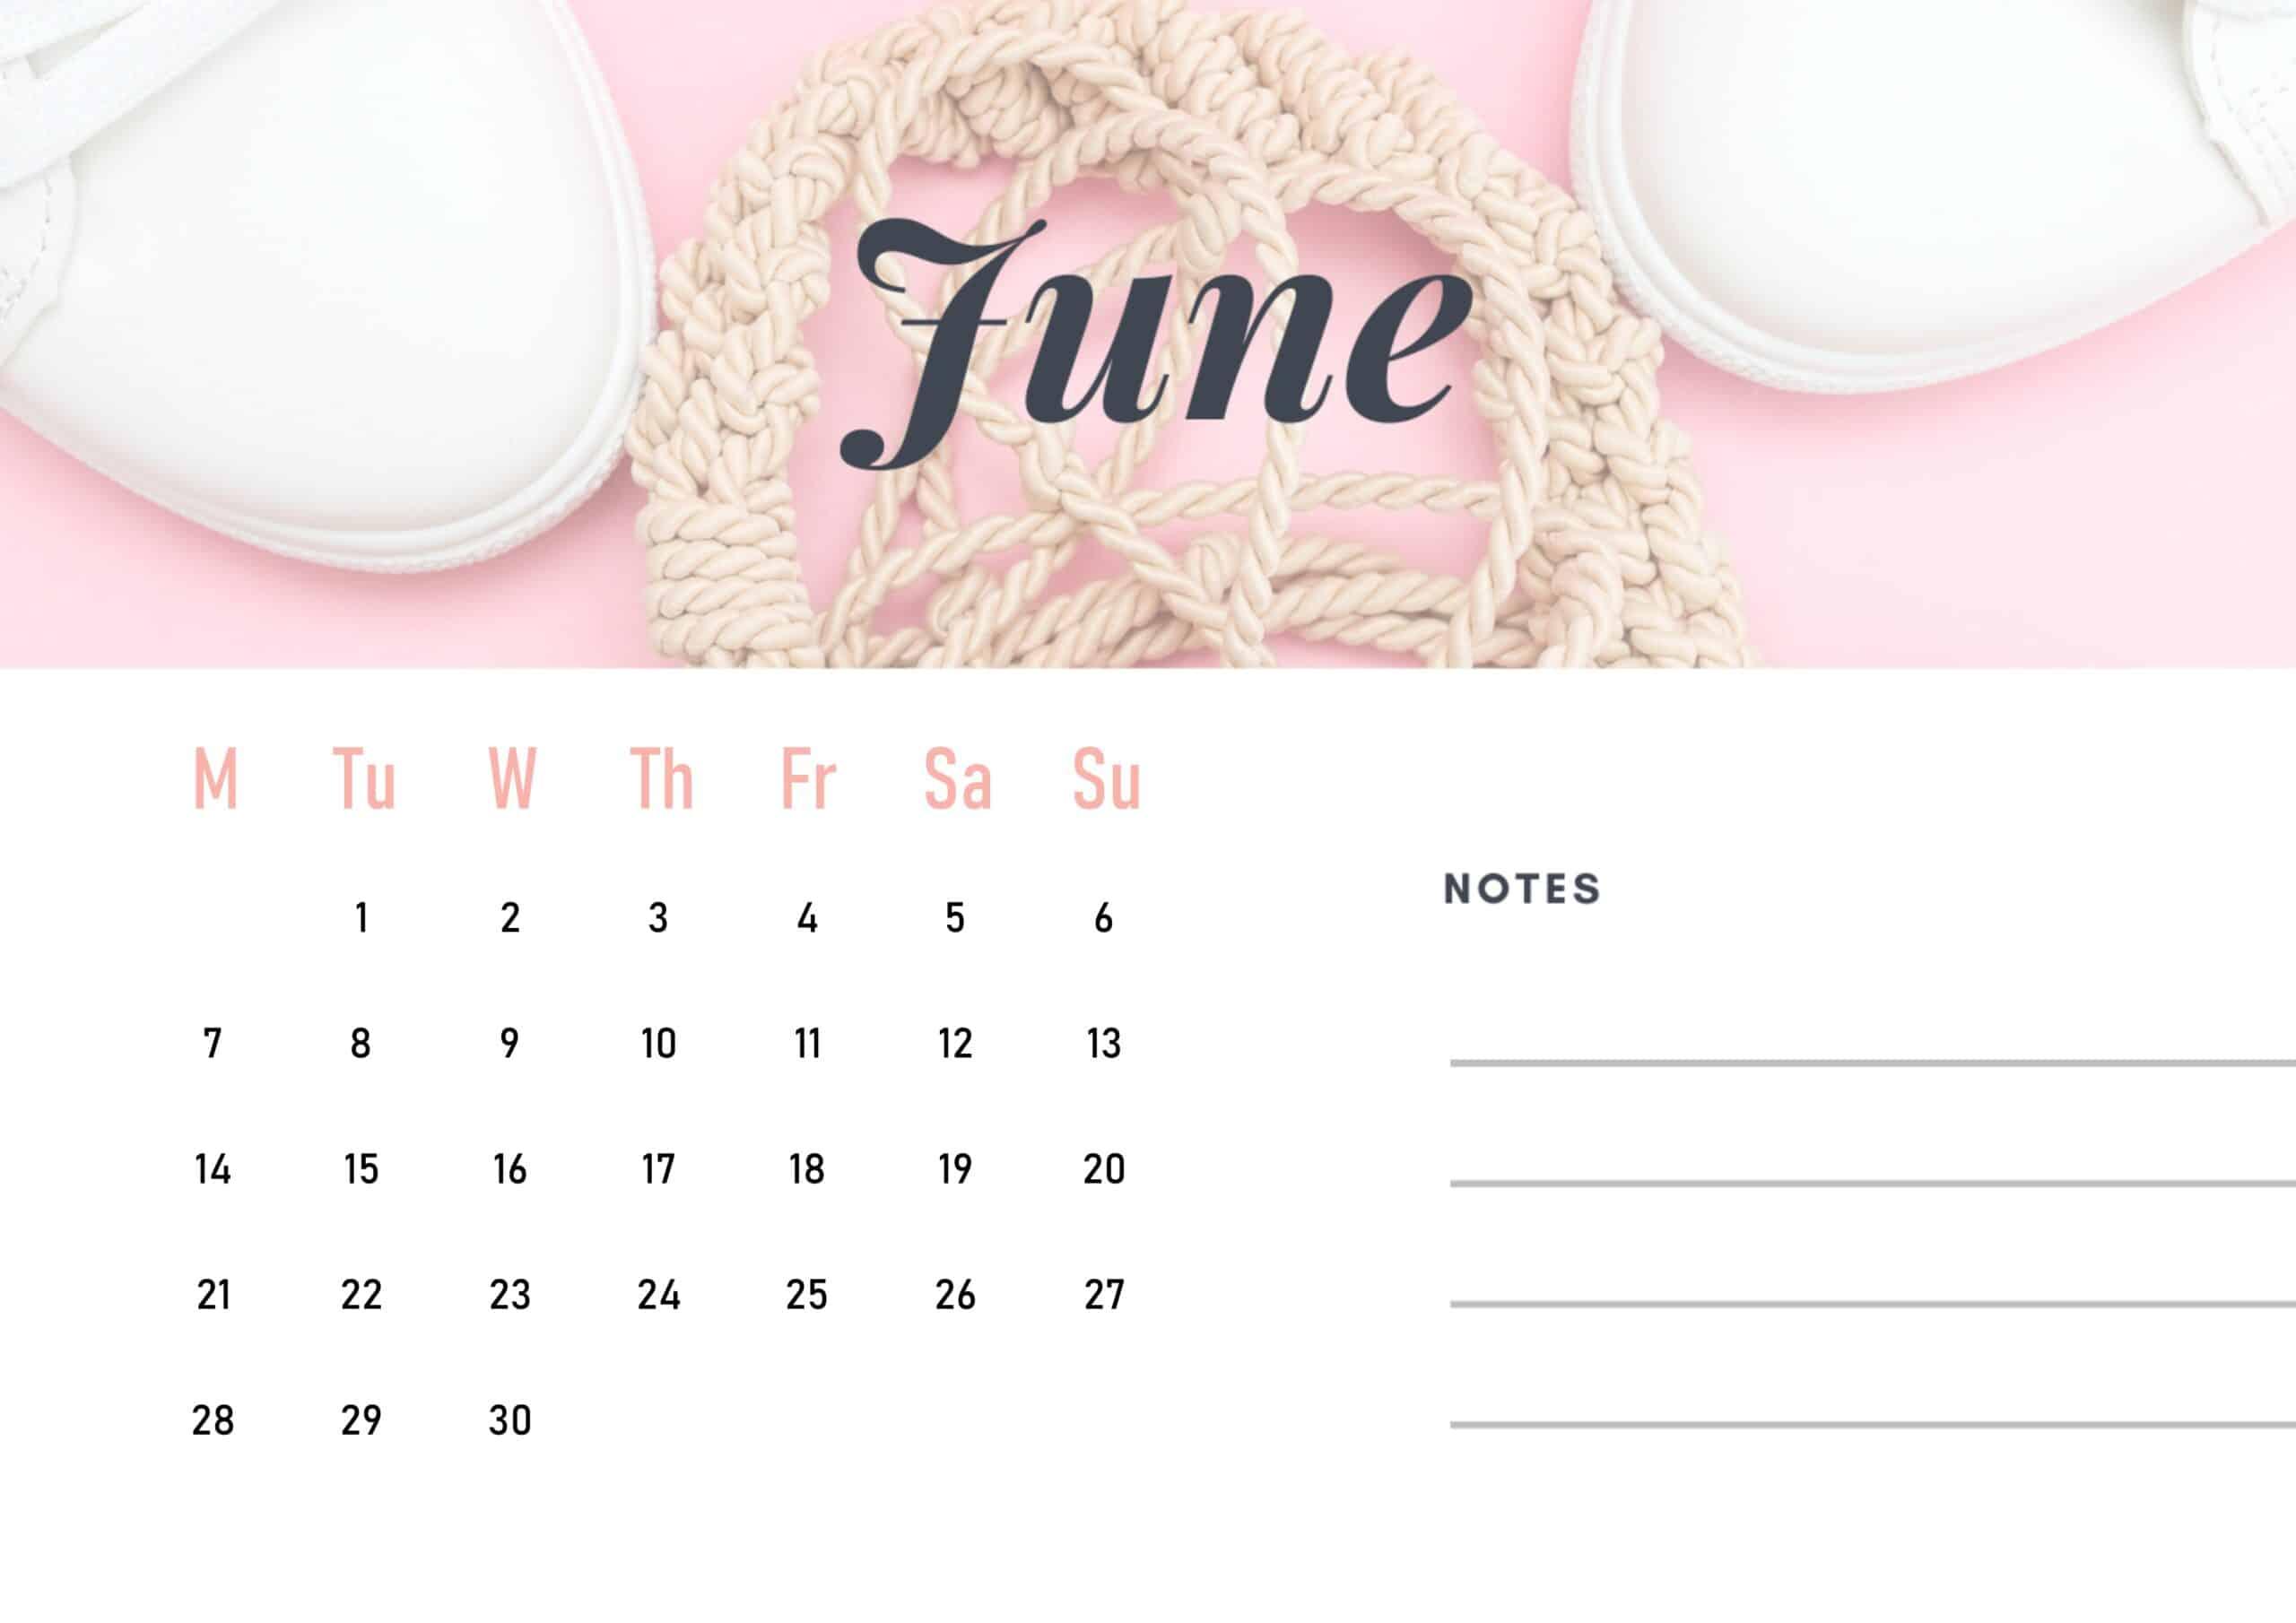 Cute June 2021 Calendar Wallpaper download